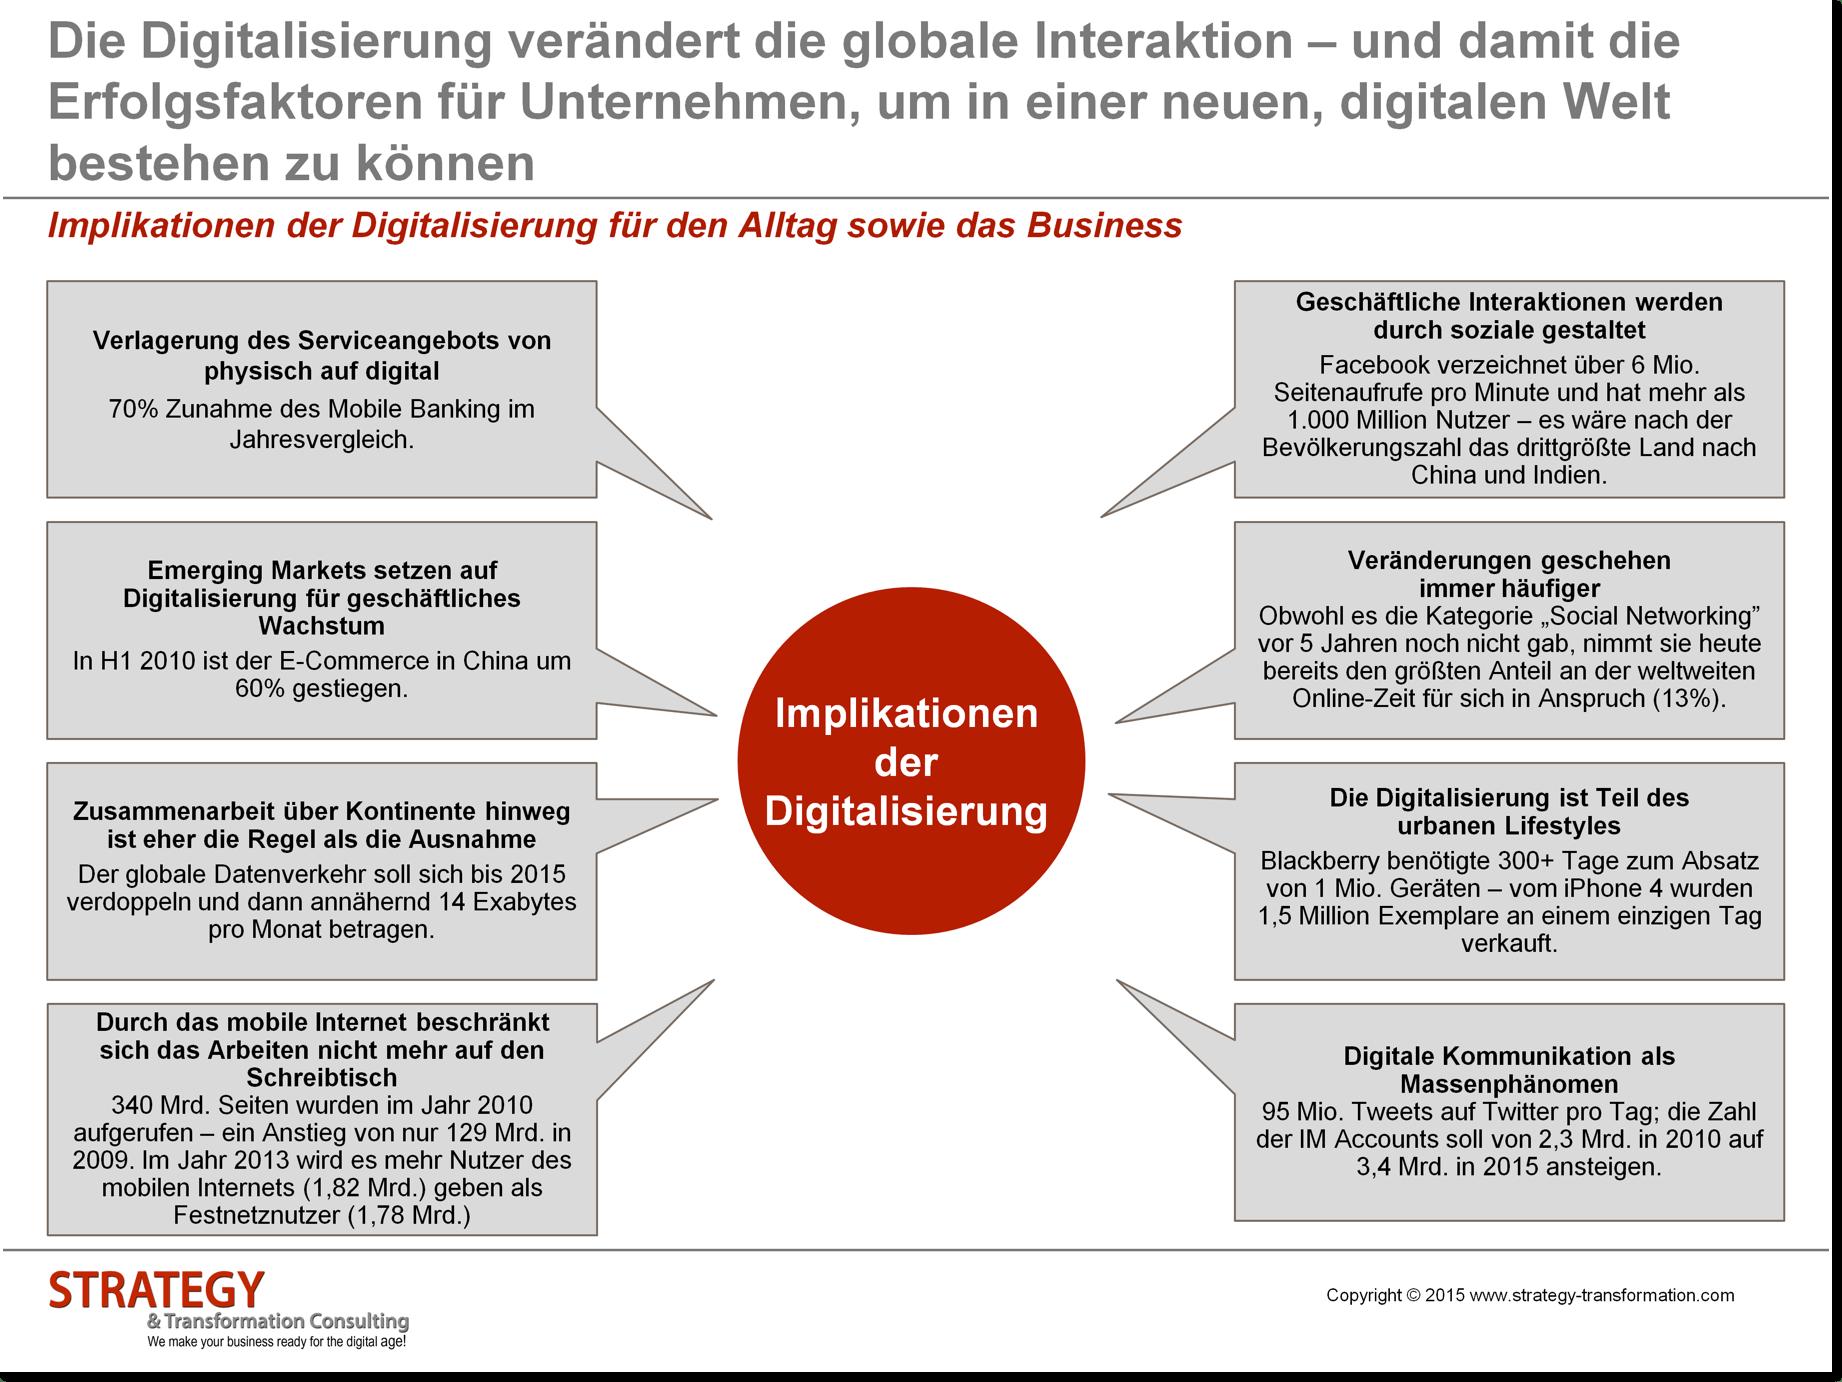 Implikationen der Digitalisierung